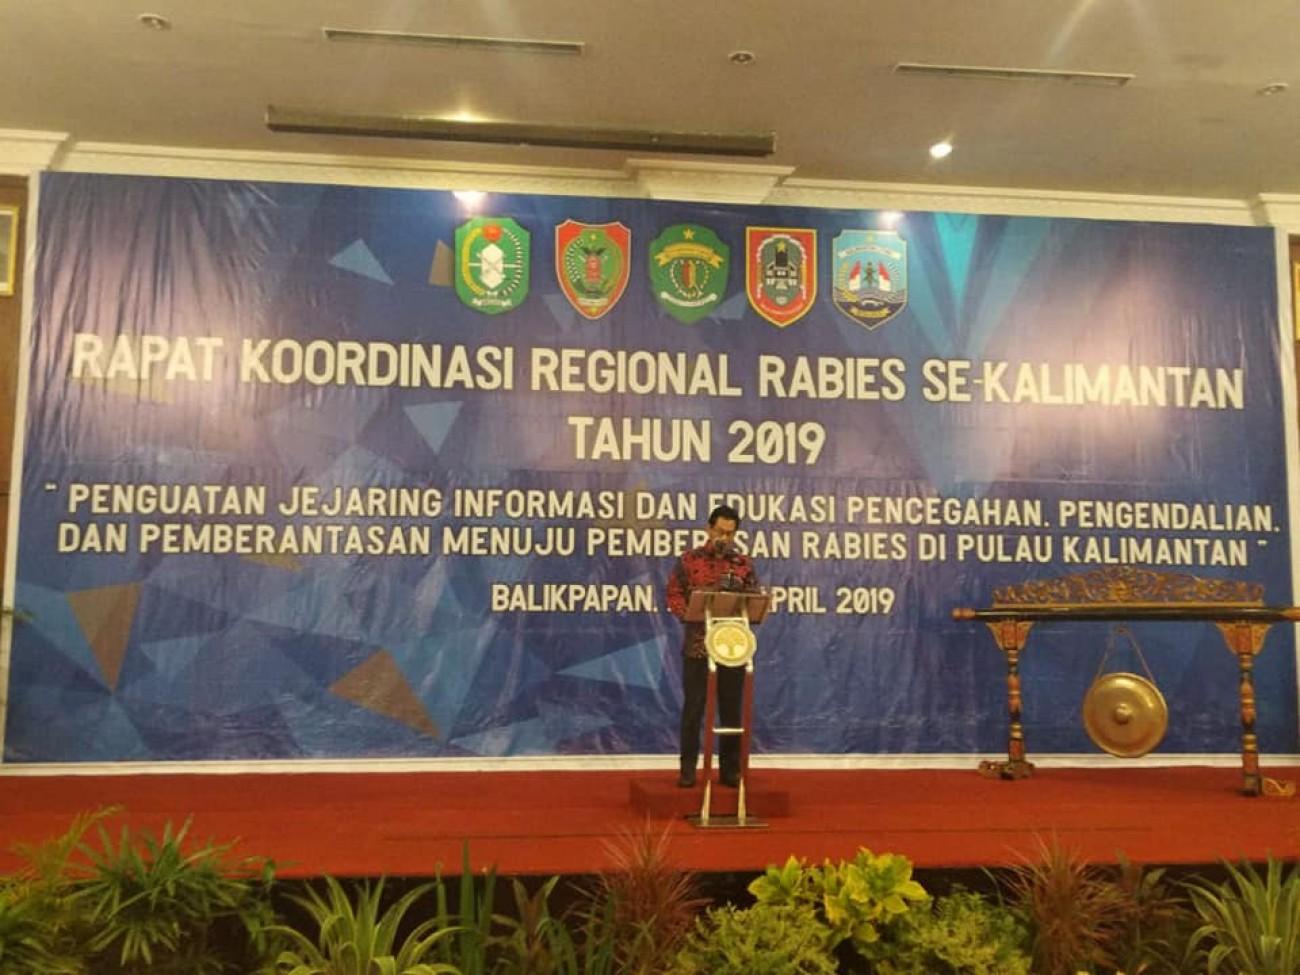 Rakor Regional Rabies se-Kalimantan Tahun 2019